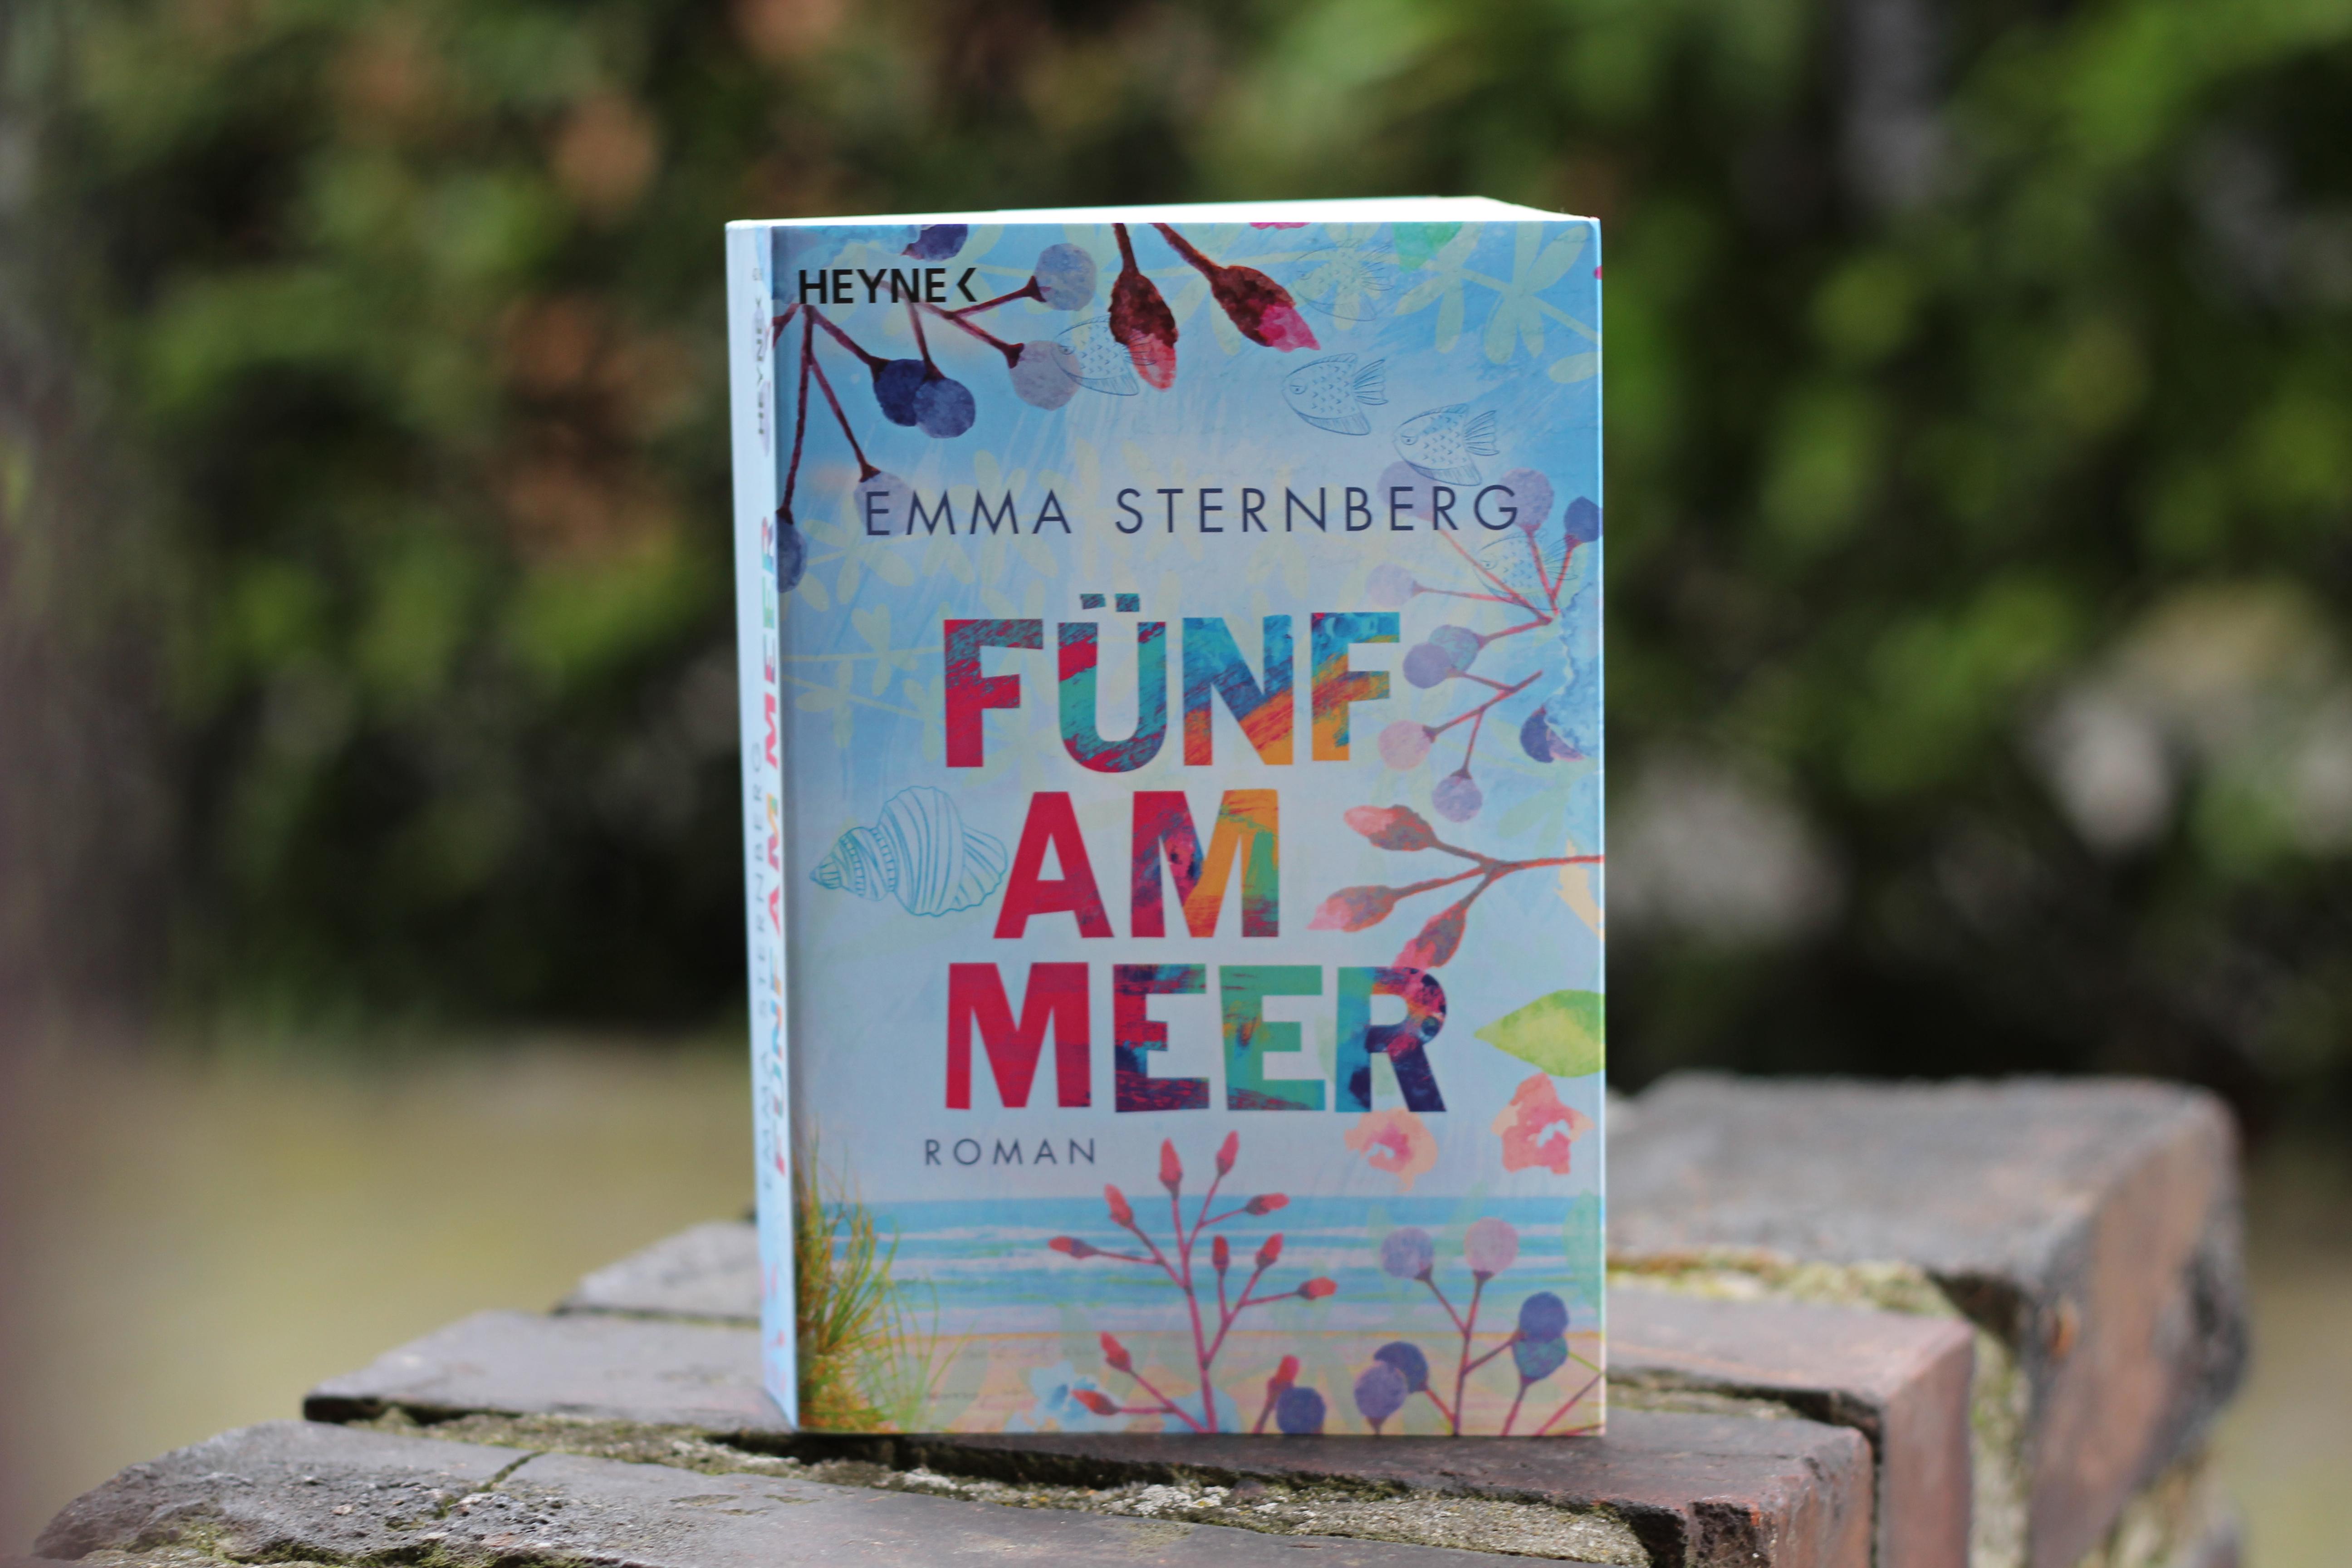 Fünf am Meer – Emma Sternberg – der Geruch von Meer